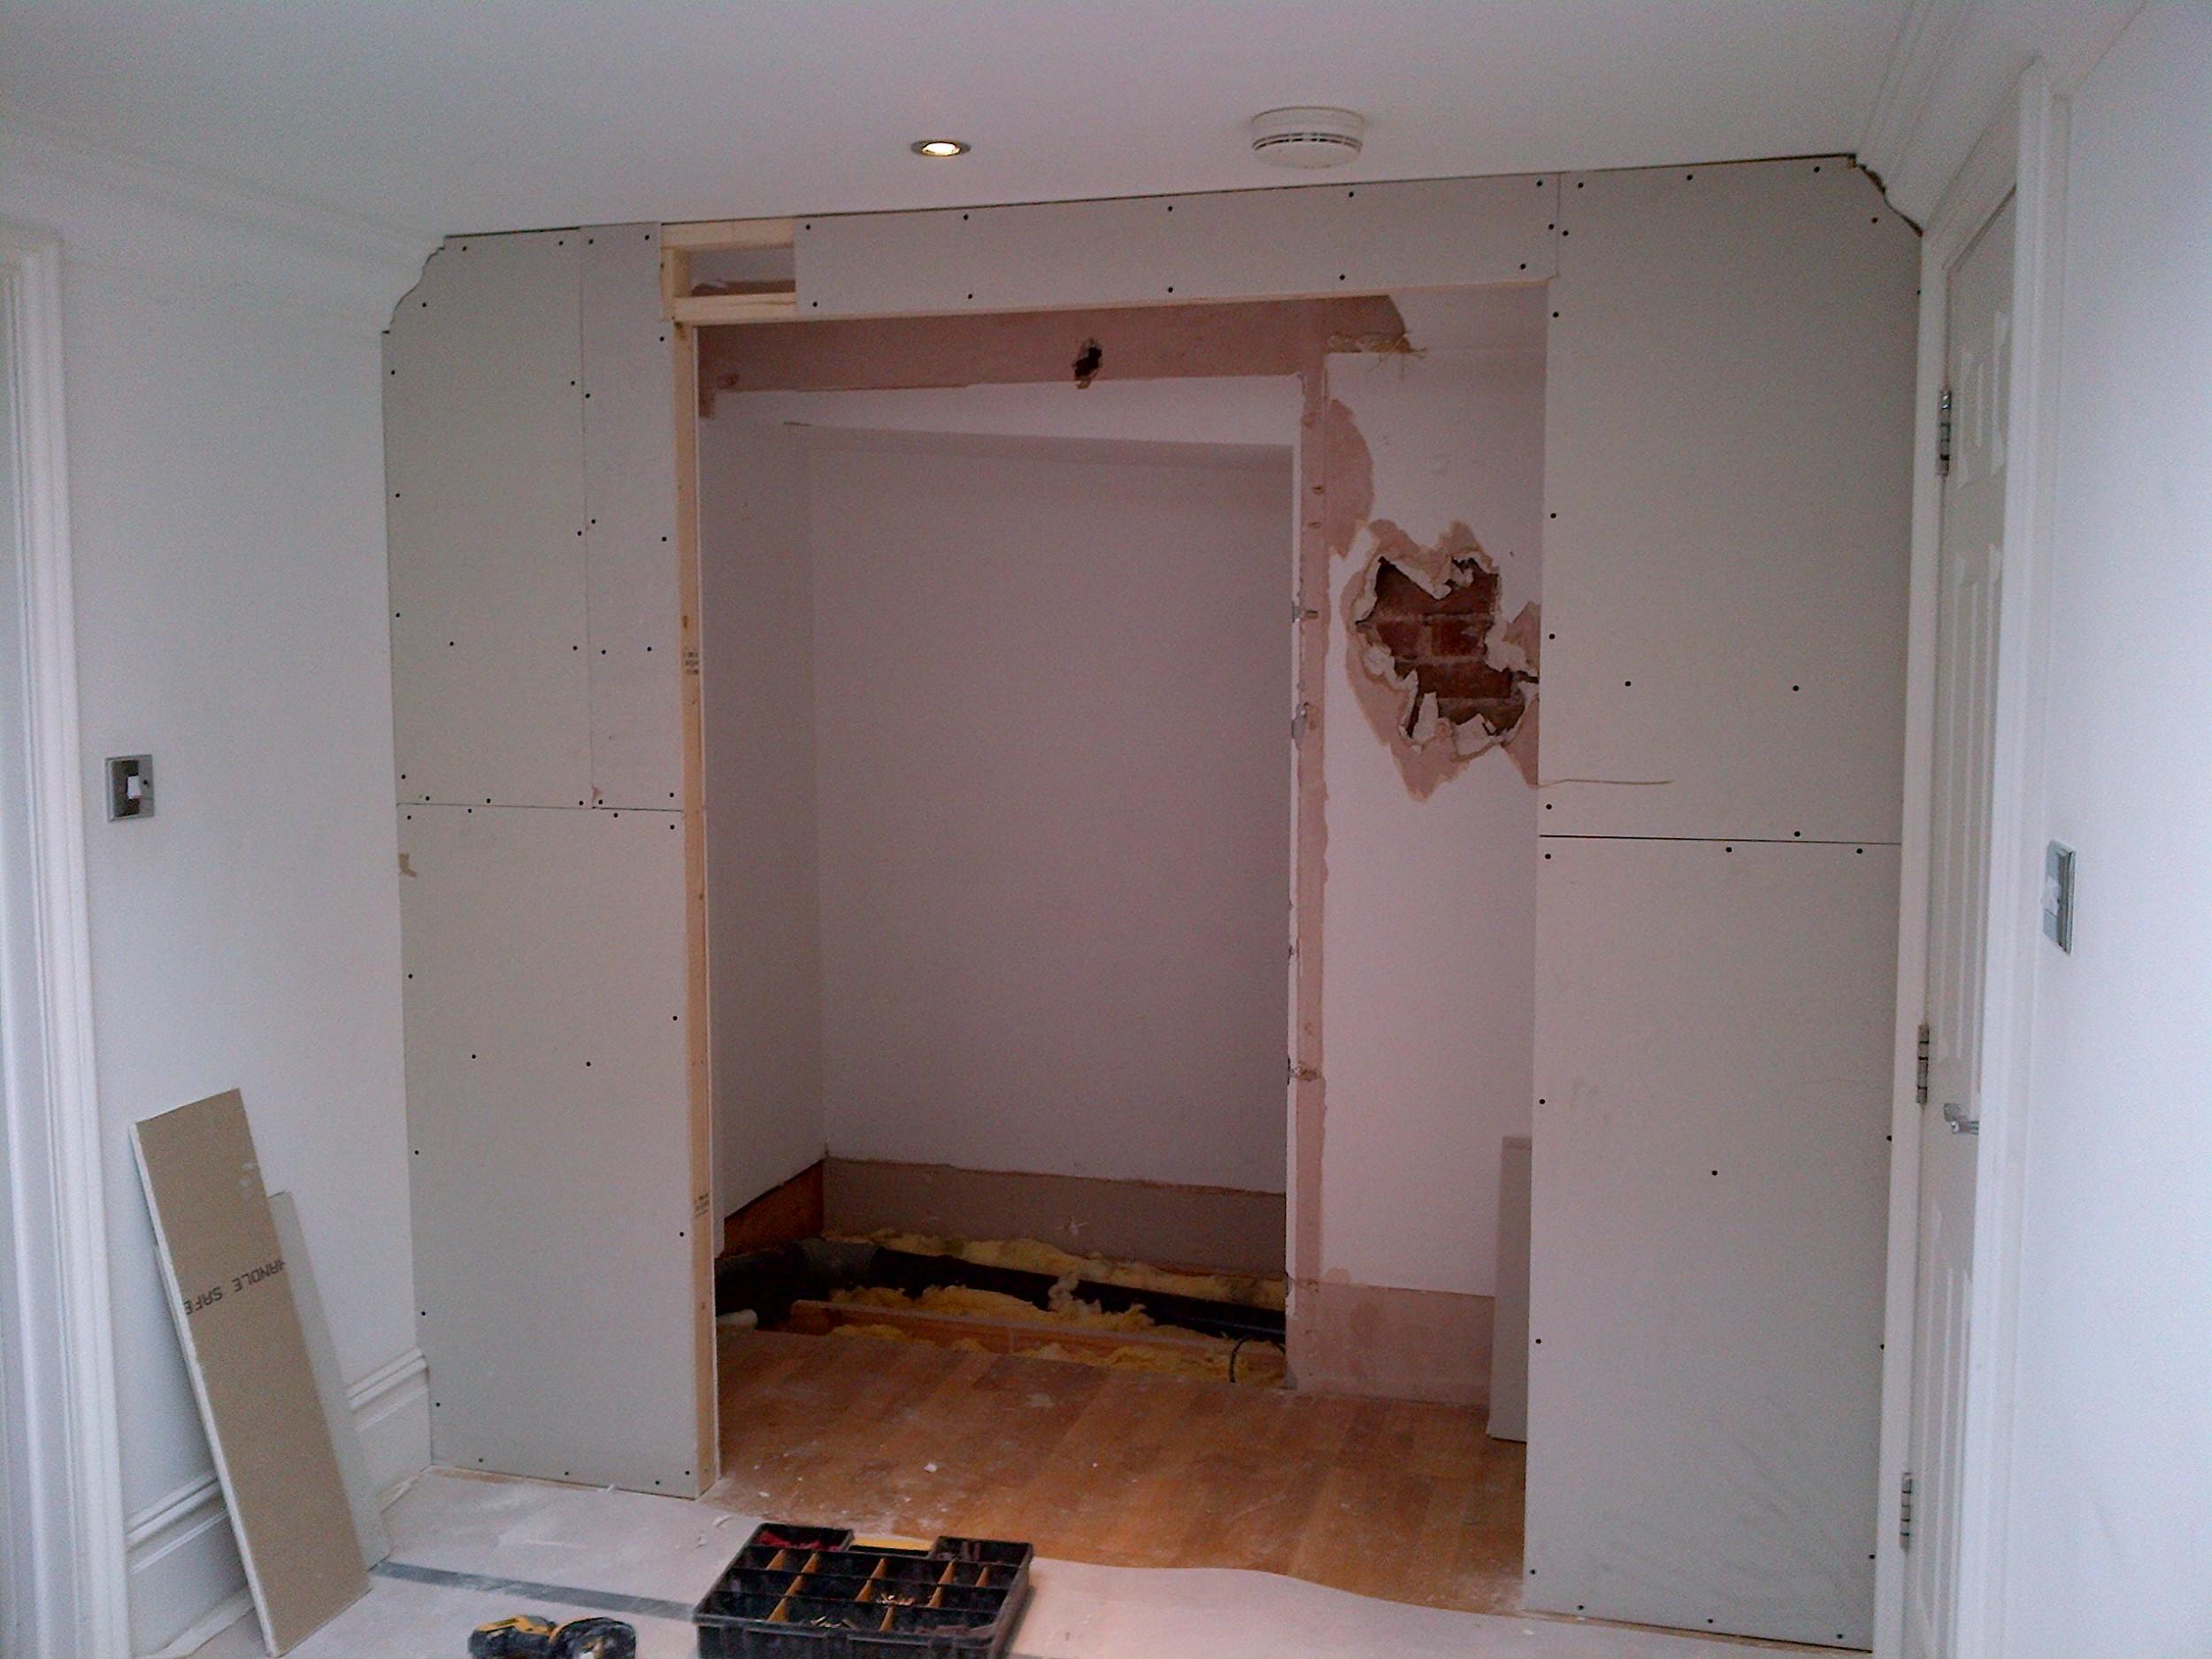 36 Lauderdale - Master bedroom - Creating deeper walkin wardrobe-1.jpg